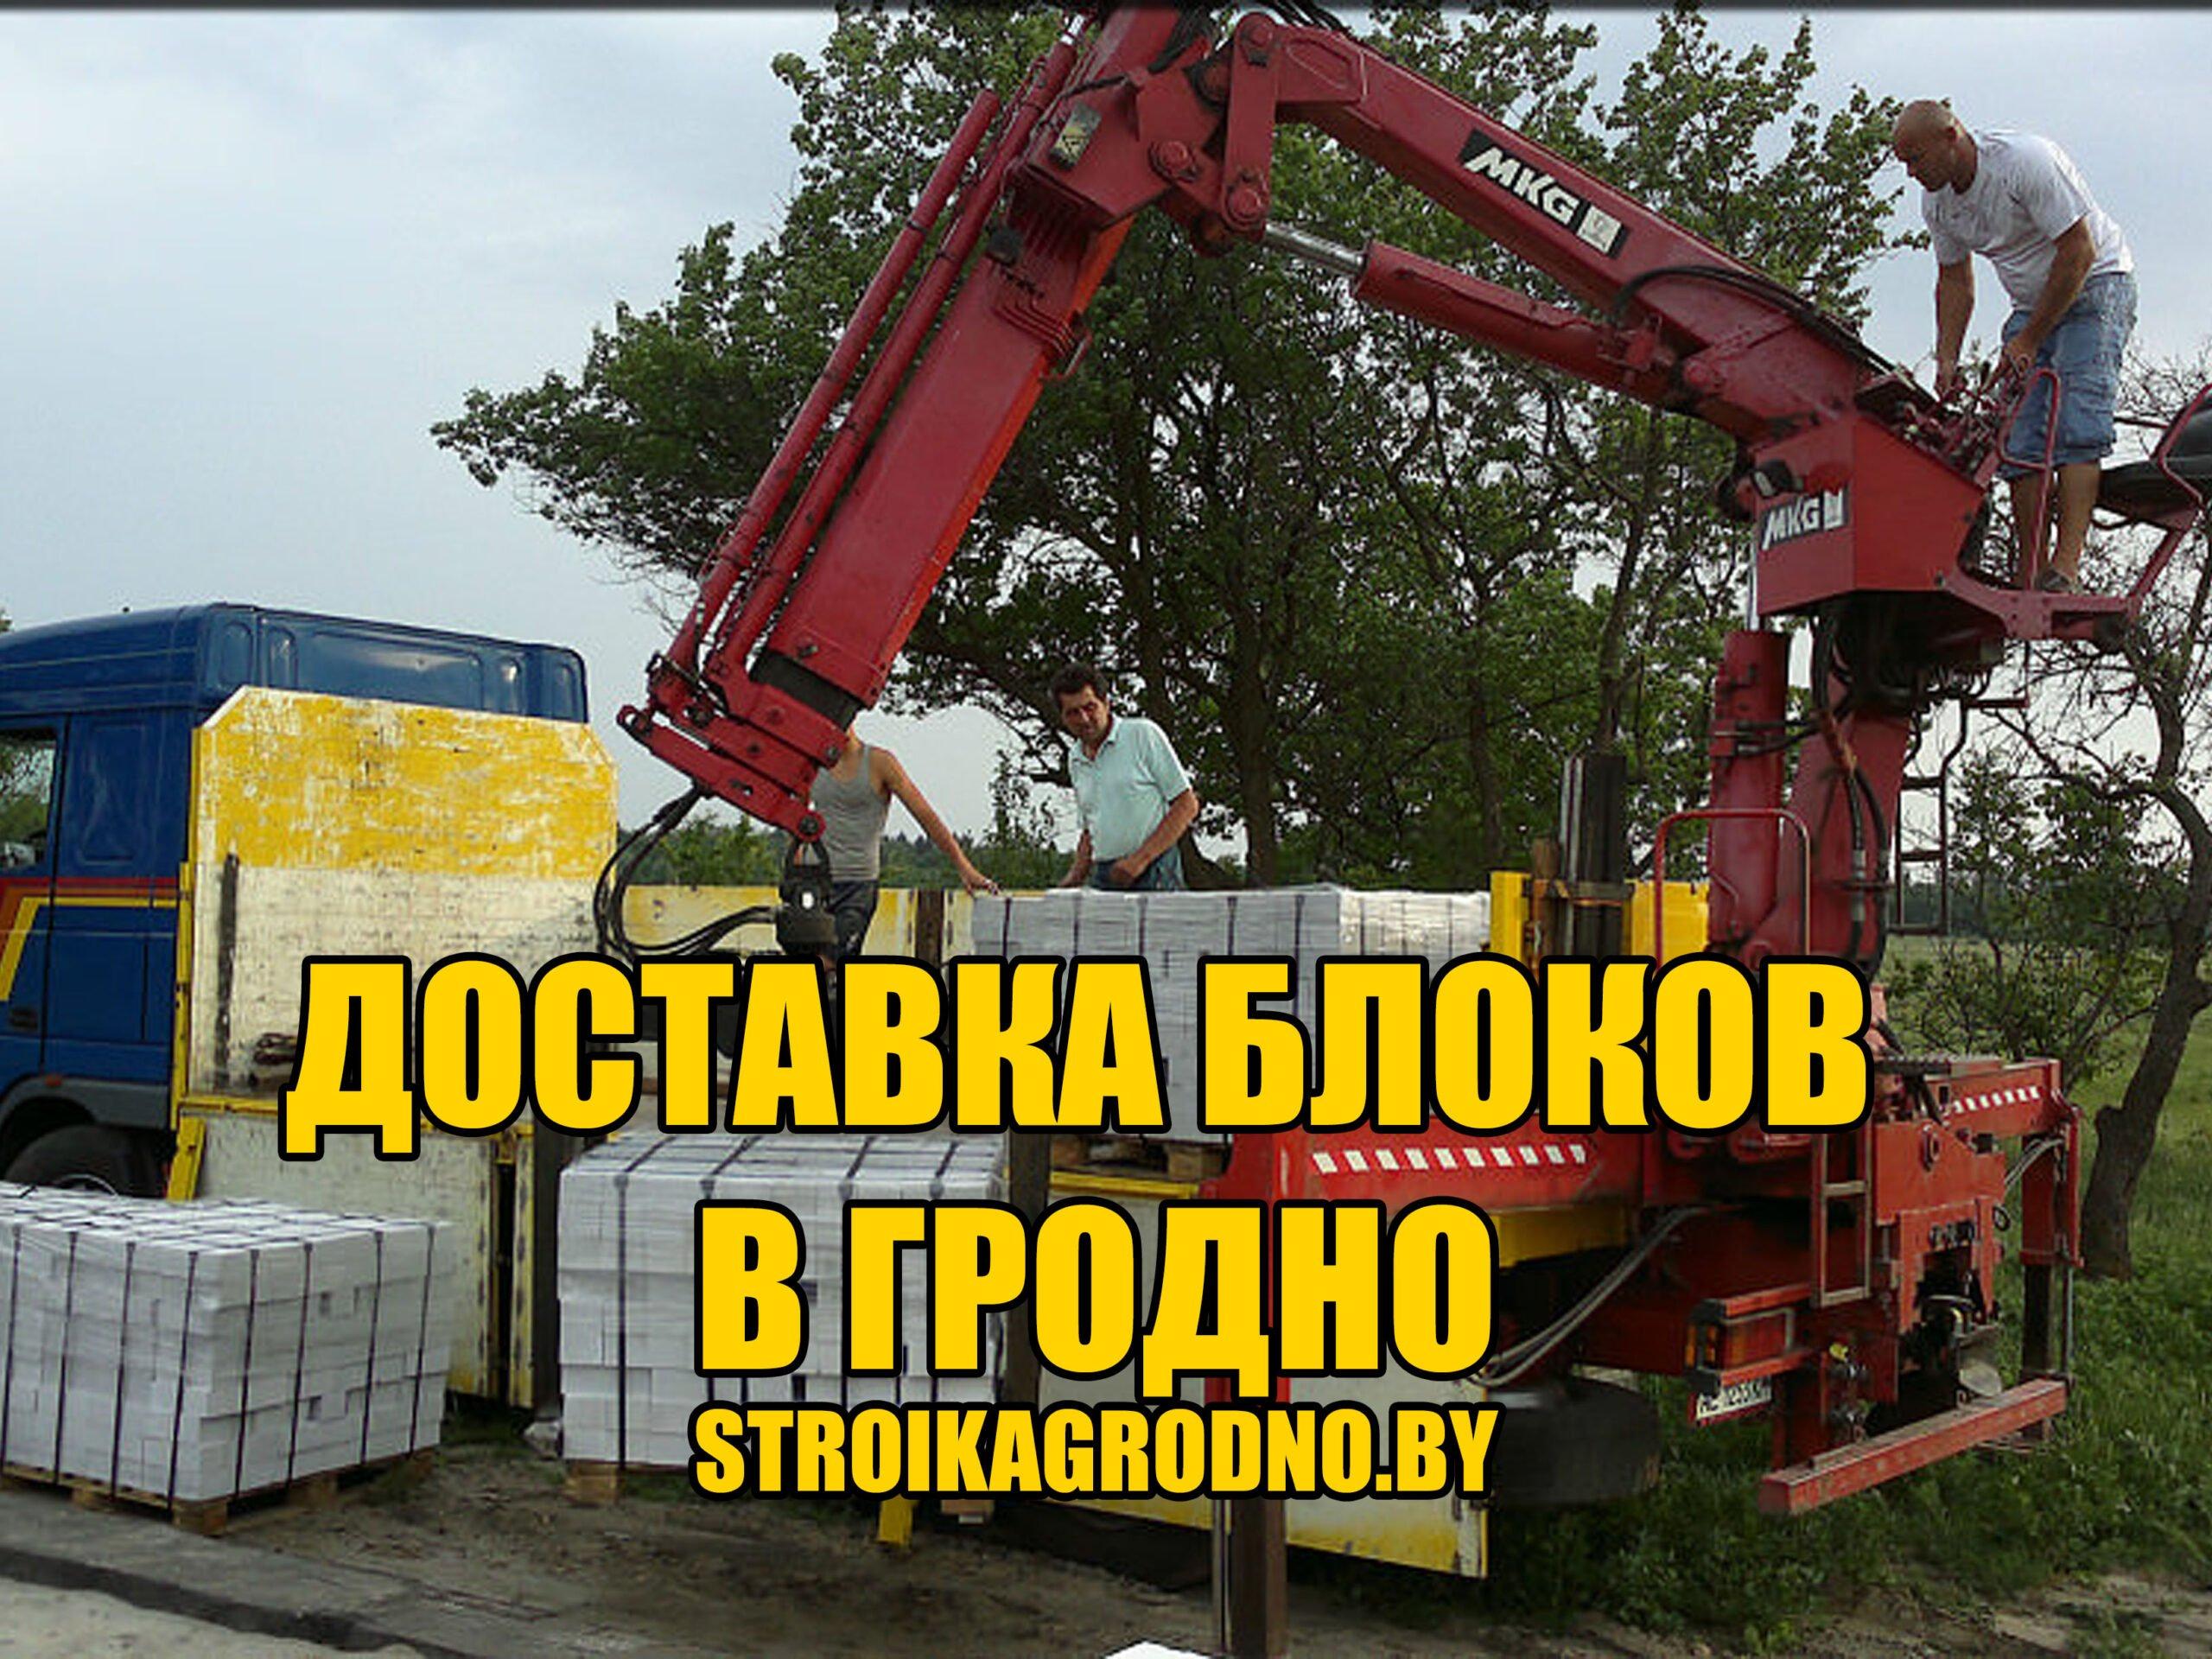 Доставка блоков в Гродно манипулятором